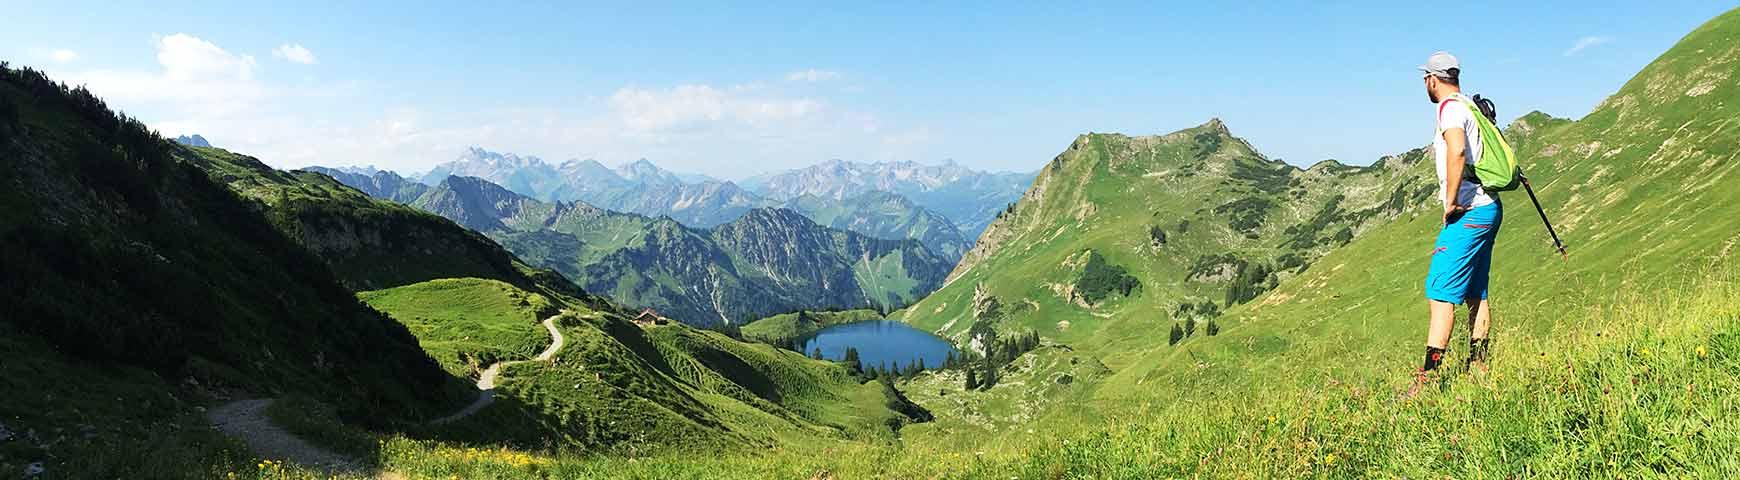 Sommerparadies & Berge satt